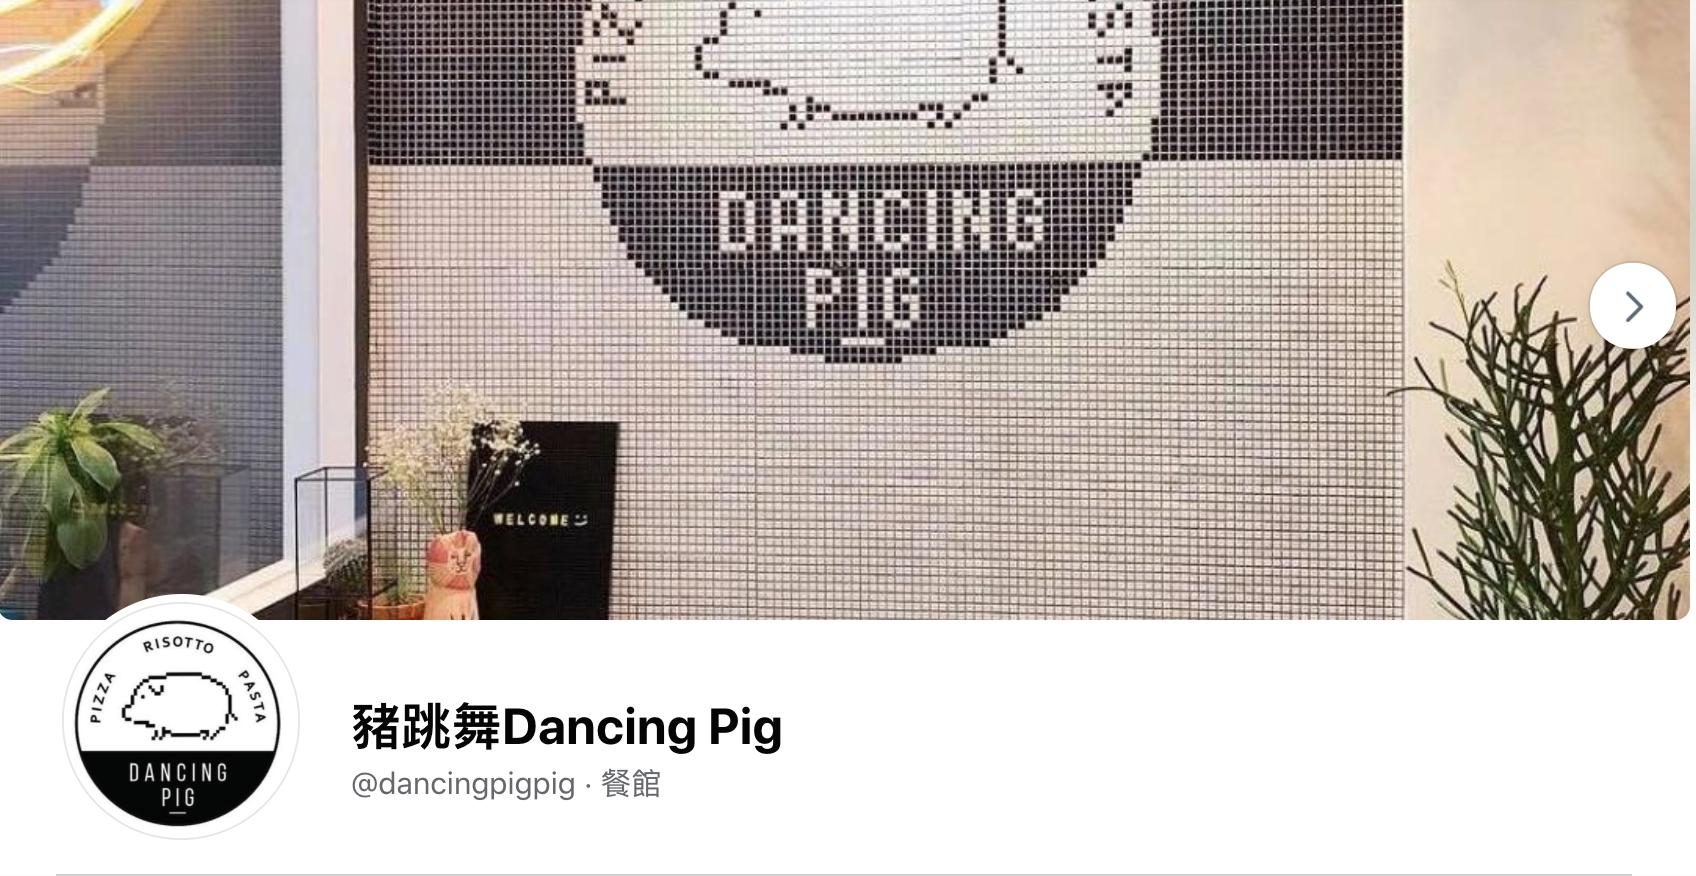 豬跳舞Dancing Pig